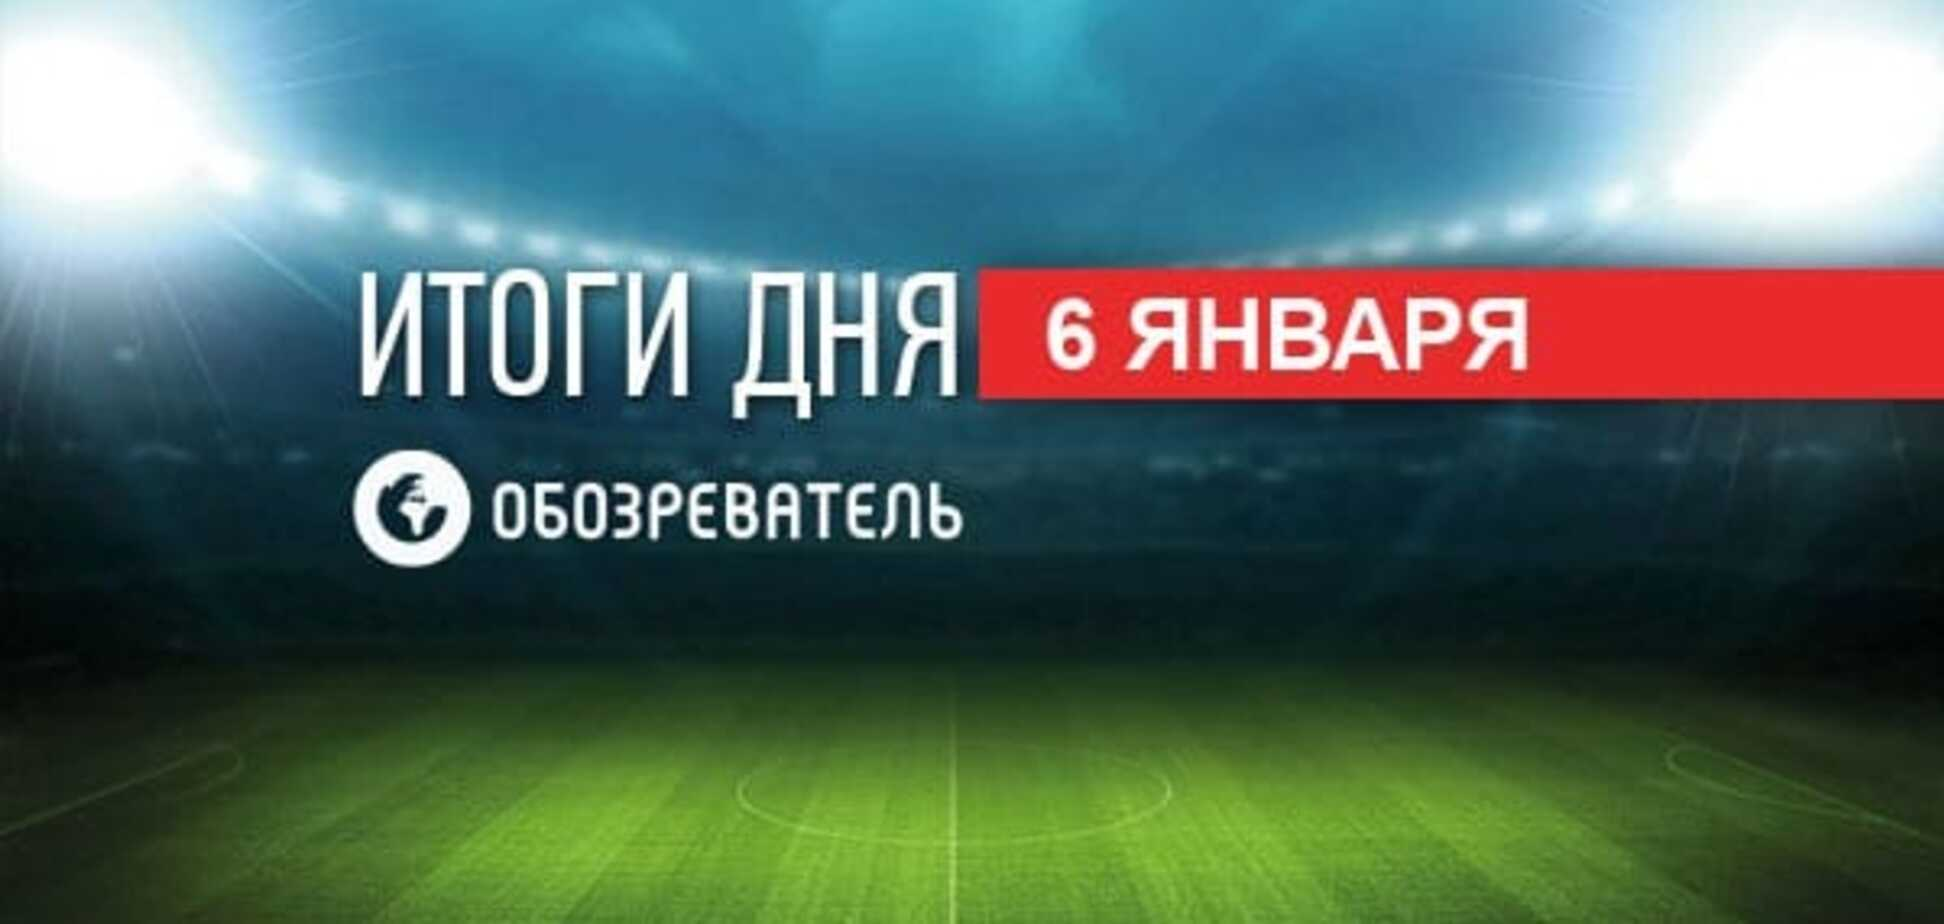 'Космические' запросы игрока 'Динамо' и позор от капитана сборной России. Спортивные итоги 6 января